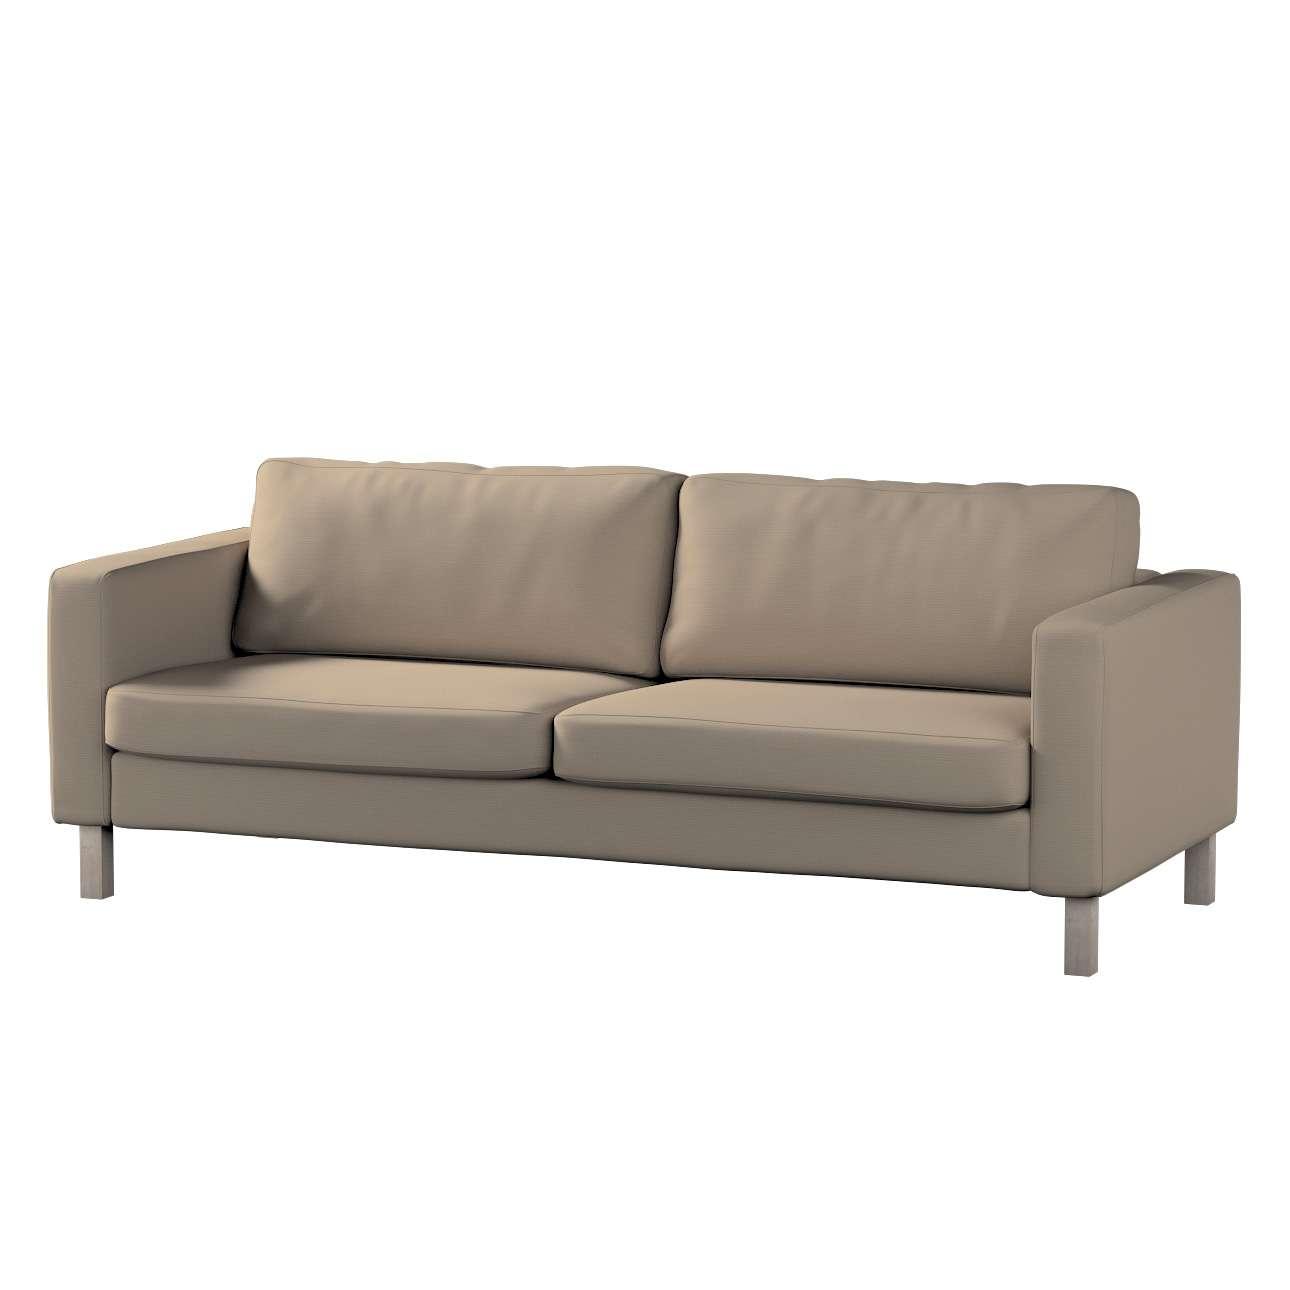 Karlstad Schlafsofabezug Karlstad 3-Sitzer ausklappbar von der Kollektion Cotton Panama, Stoff: 702-28